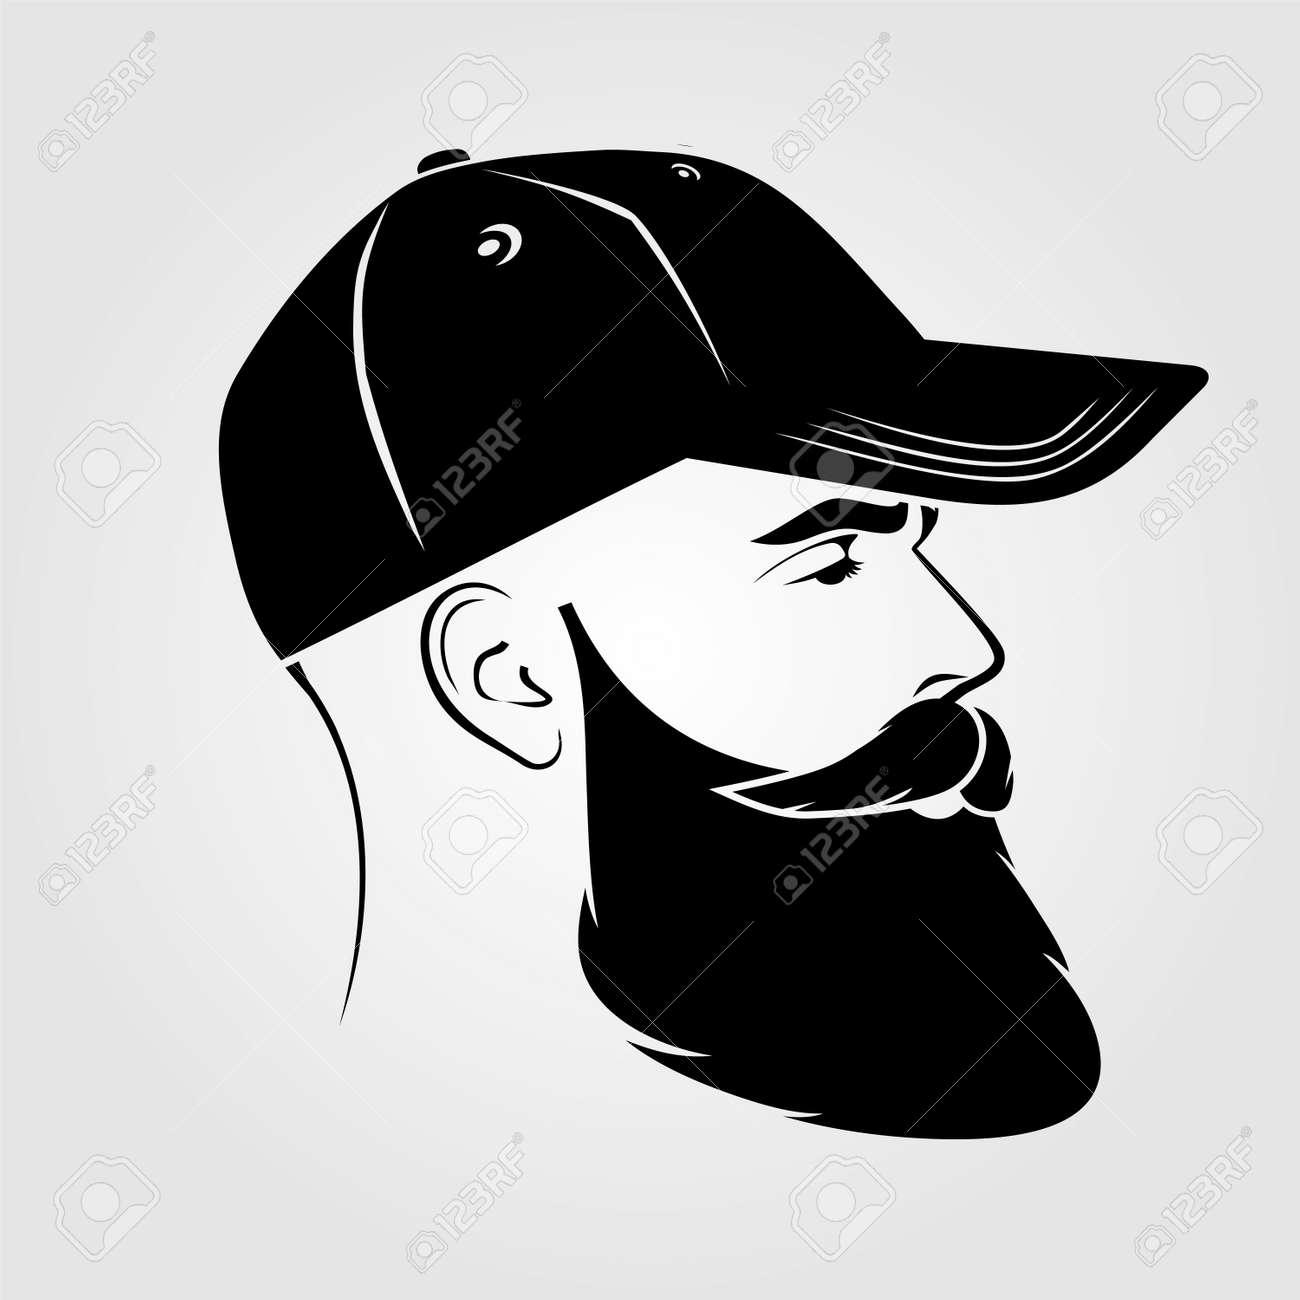 Bearded handsome men in a baseball cap. - 170170789